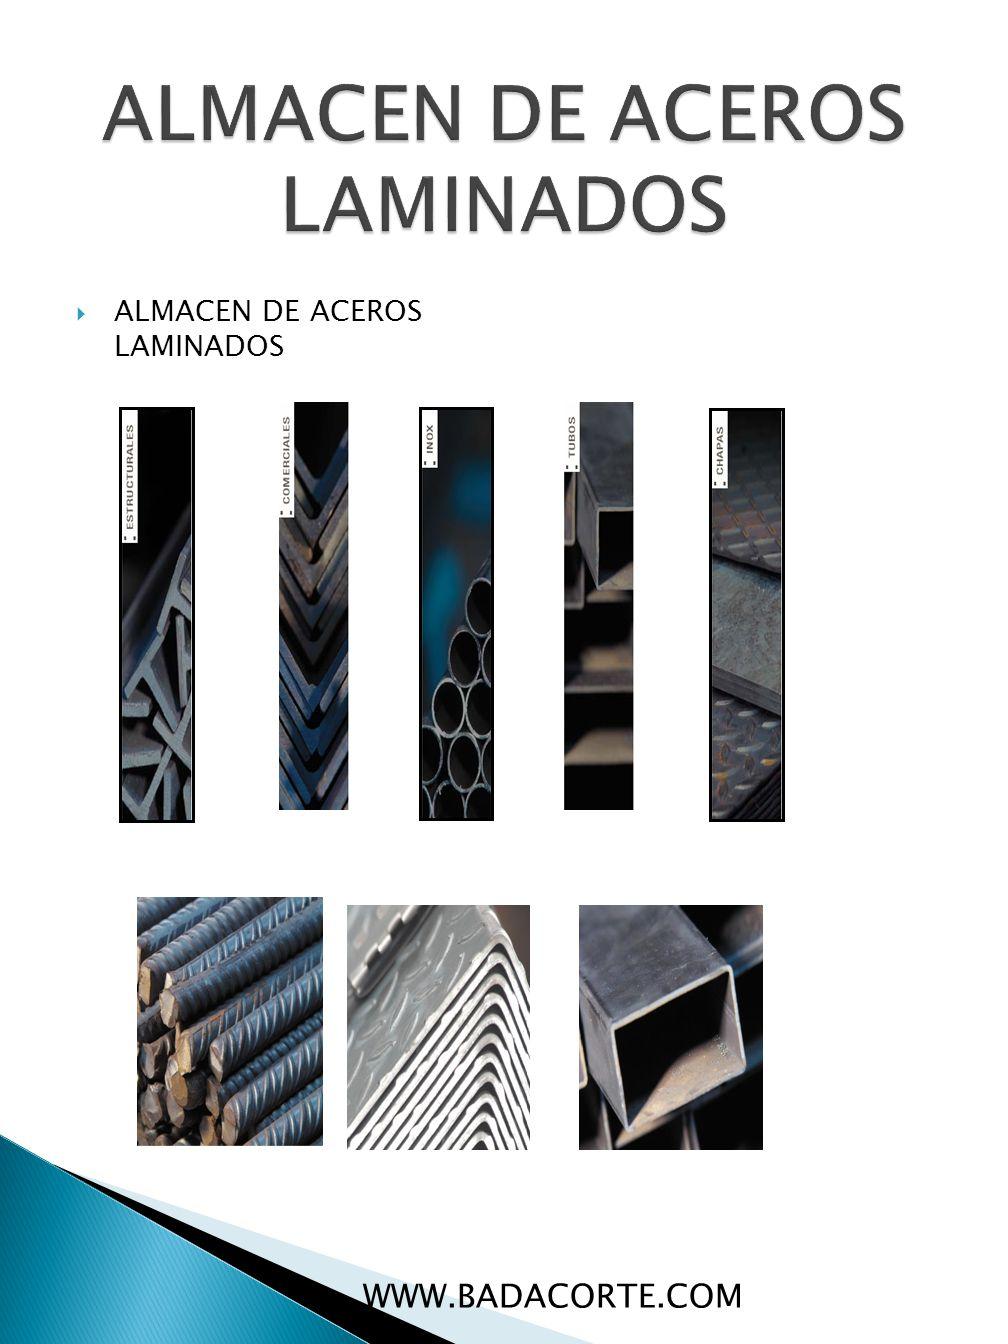 ALMACEN DE ACEROS LAMINADOS